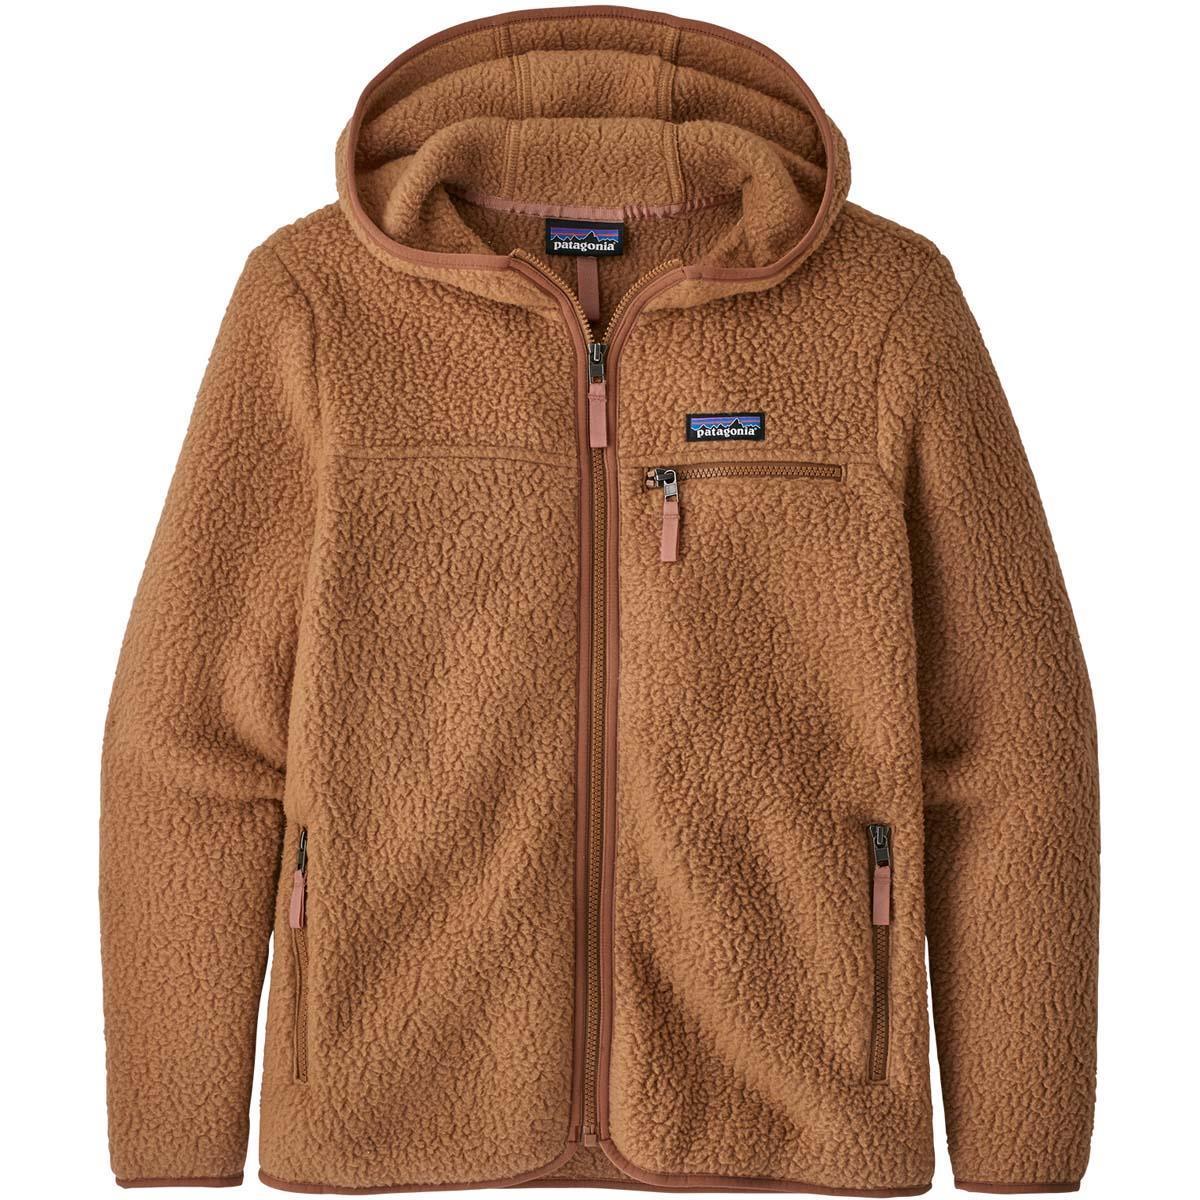 Patagonia Ws Retro Pile Womens Sweatshirt